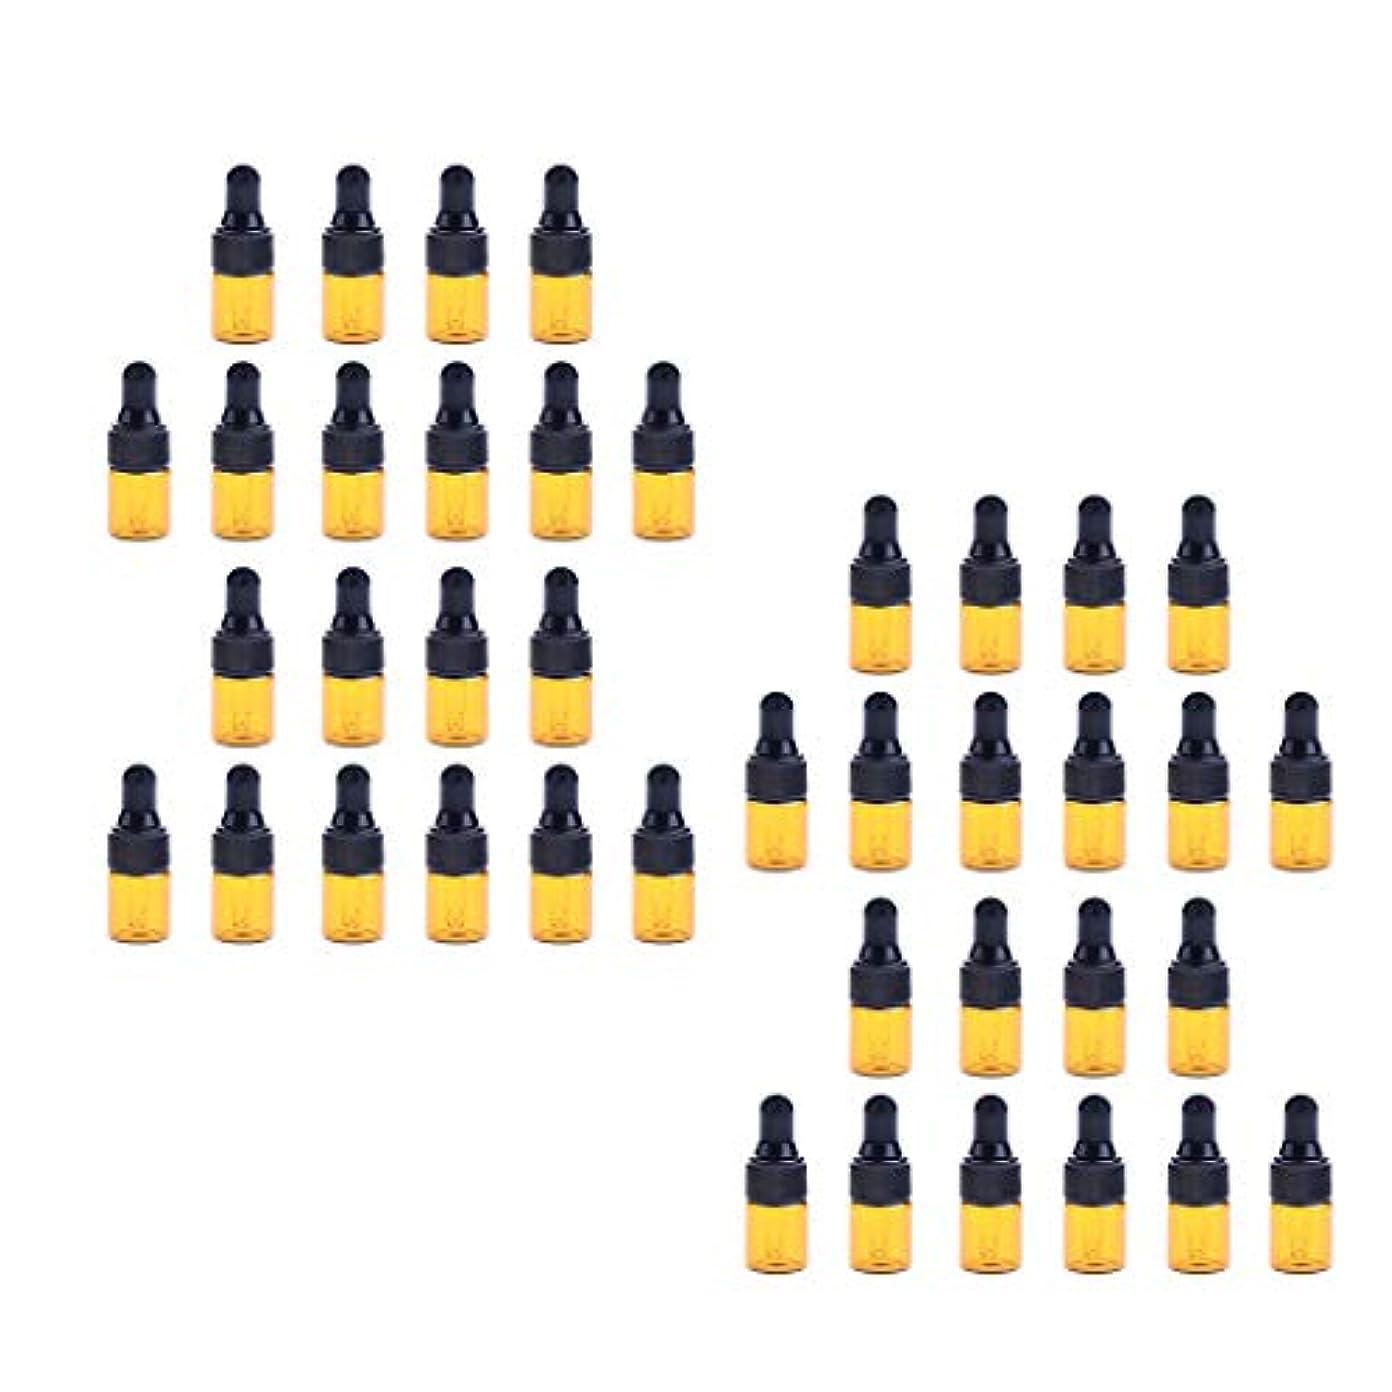 パイプライン罰しなやかな空ボトル ドロッパーボトル スポイトボトル 精油 エッセンシャルオイル 保存容器 1/2ml 約40個